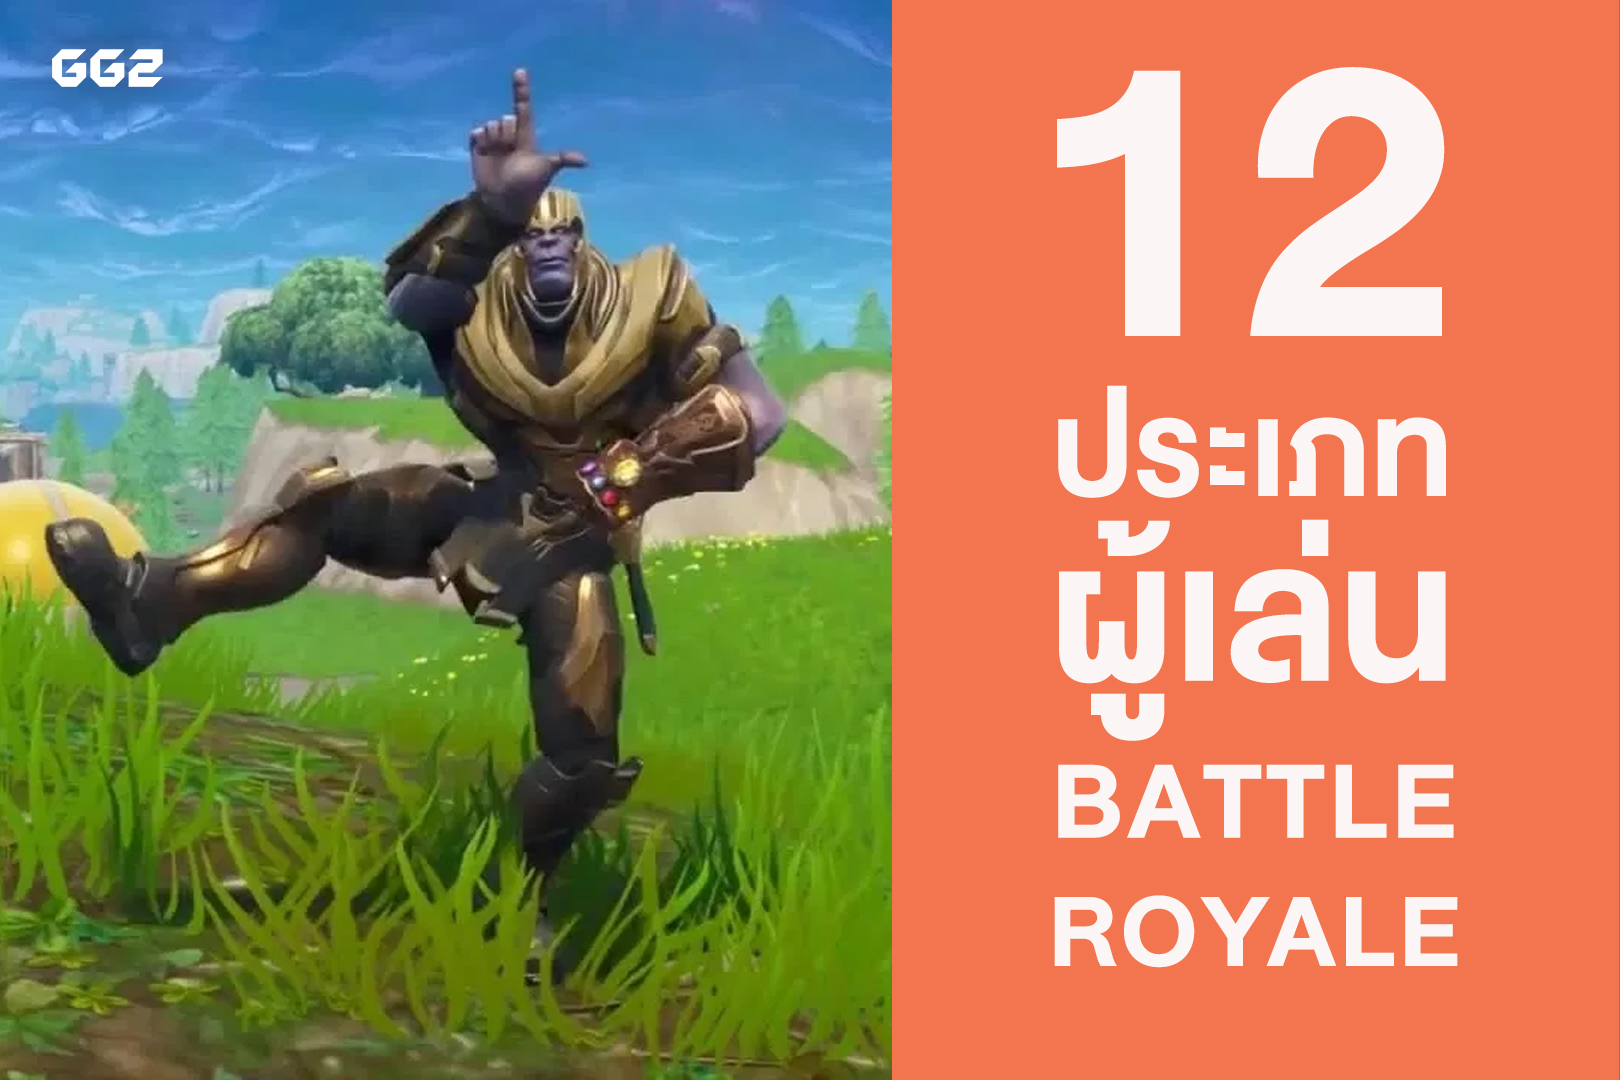 คน 12 ประเภทที่คุณจะต้องเจอในเกม Battle Royale !!!!